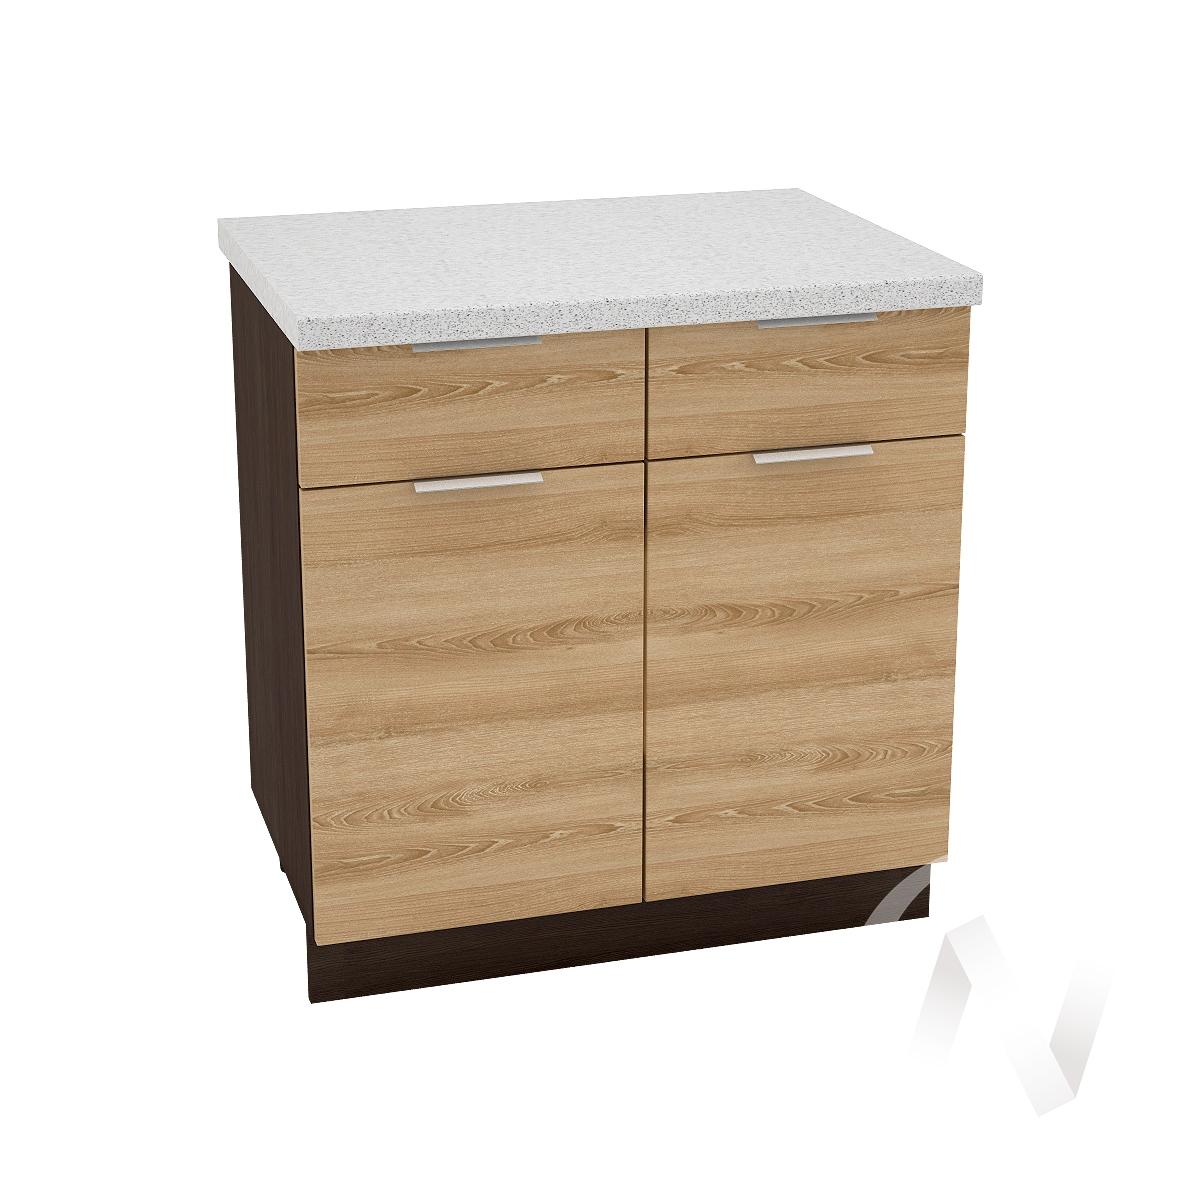 """Кухня """"Терра"""": Шкаф нижний с ящиками 800, ШН1Я 800 (ель карпатская/корпус венге)"""